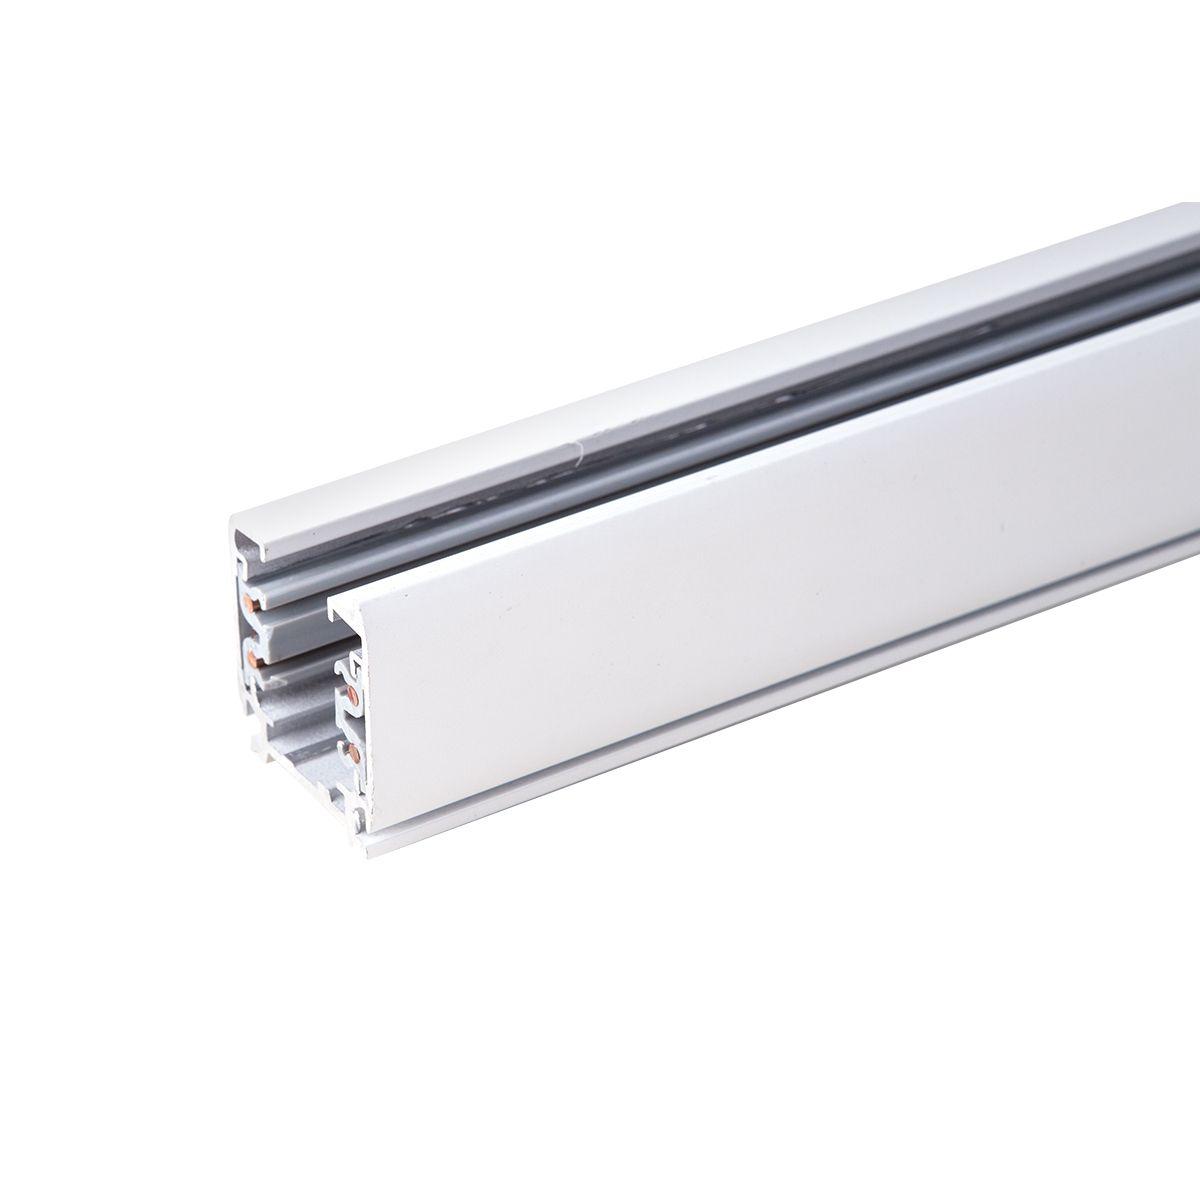 Трехфазный шинопровод 1 метр белый (с вводом питания и заглушкой) TRL-1-3-100-WH 1 метр белый